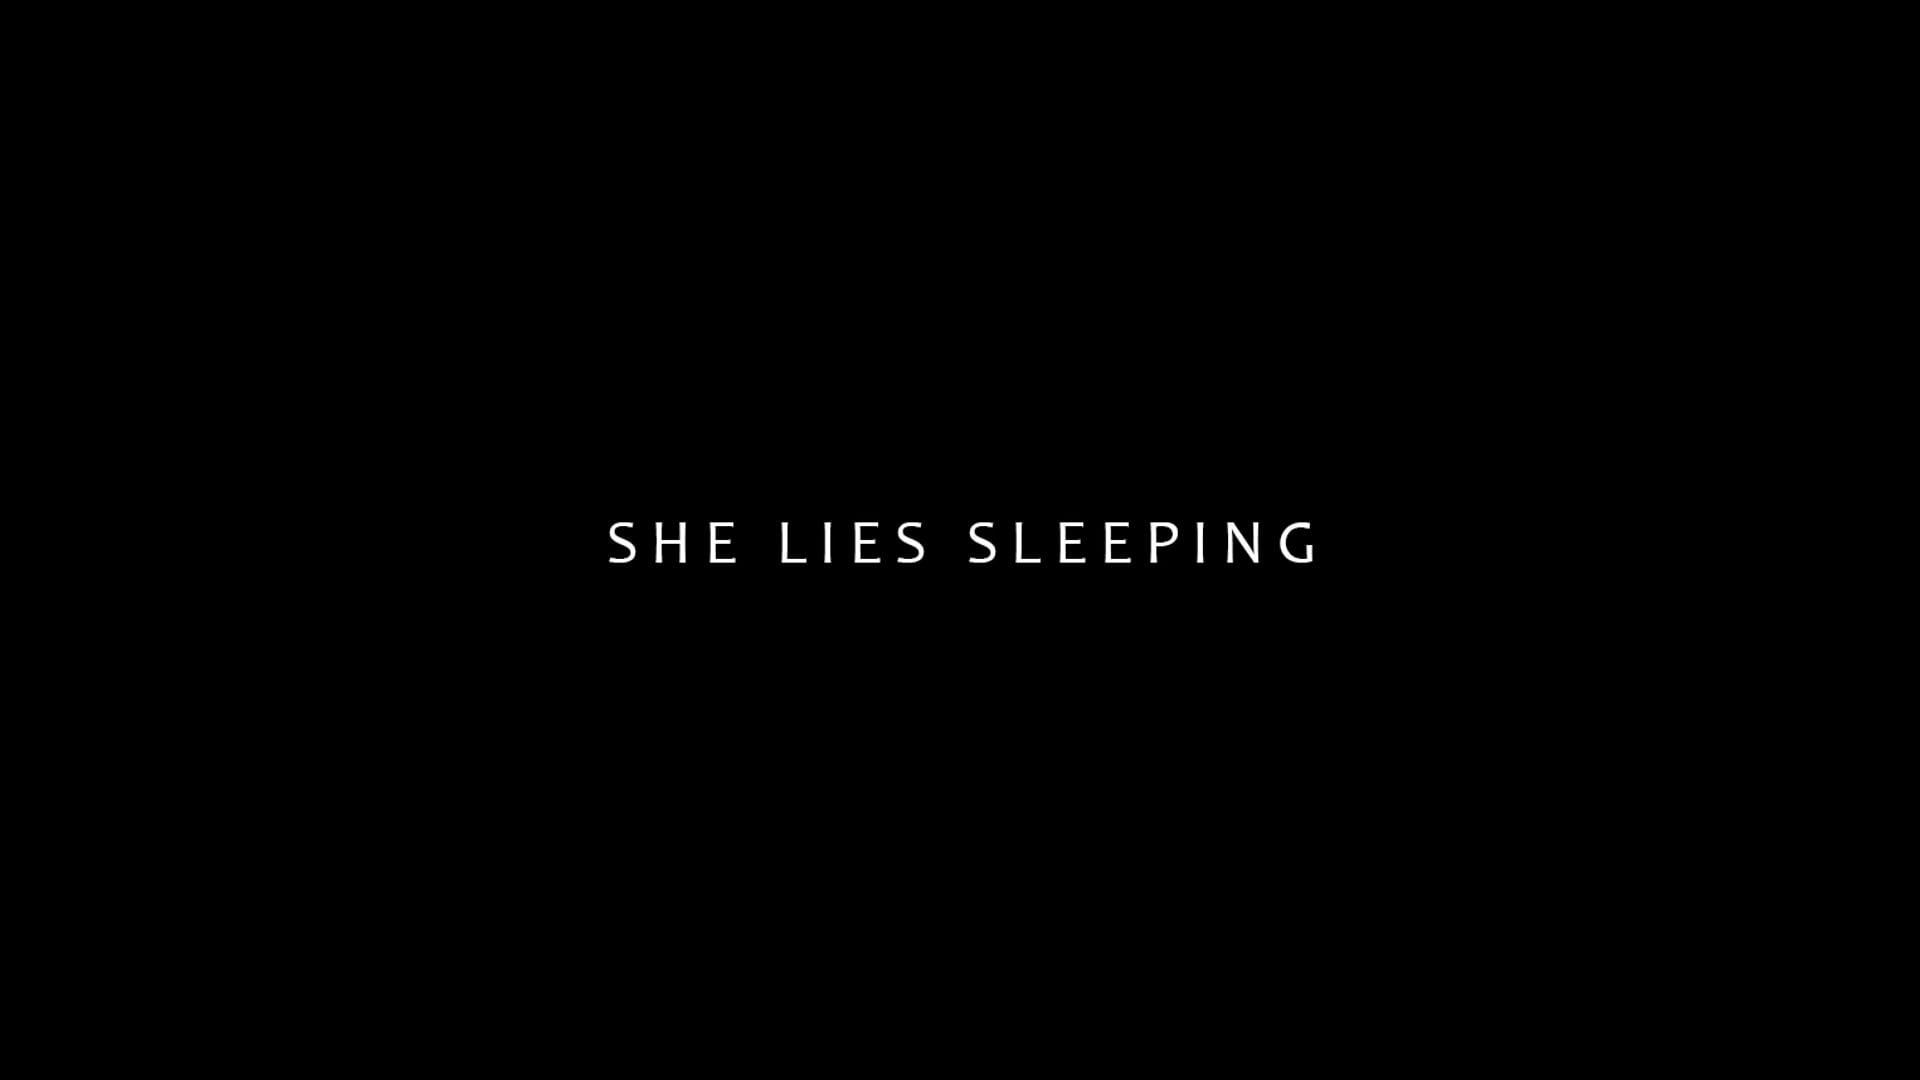 SHE LIES SLEEPING